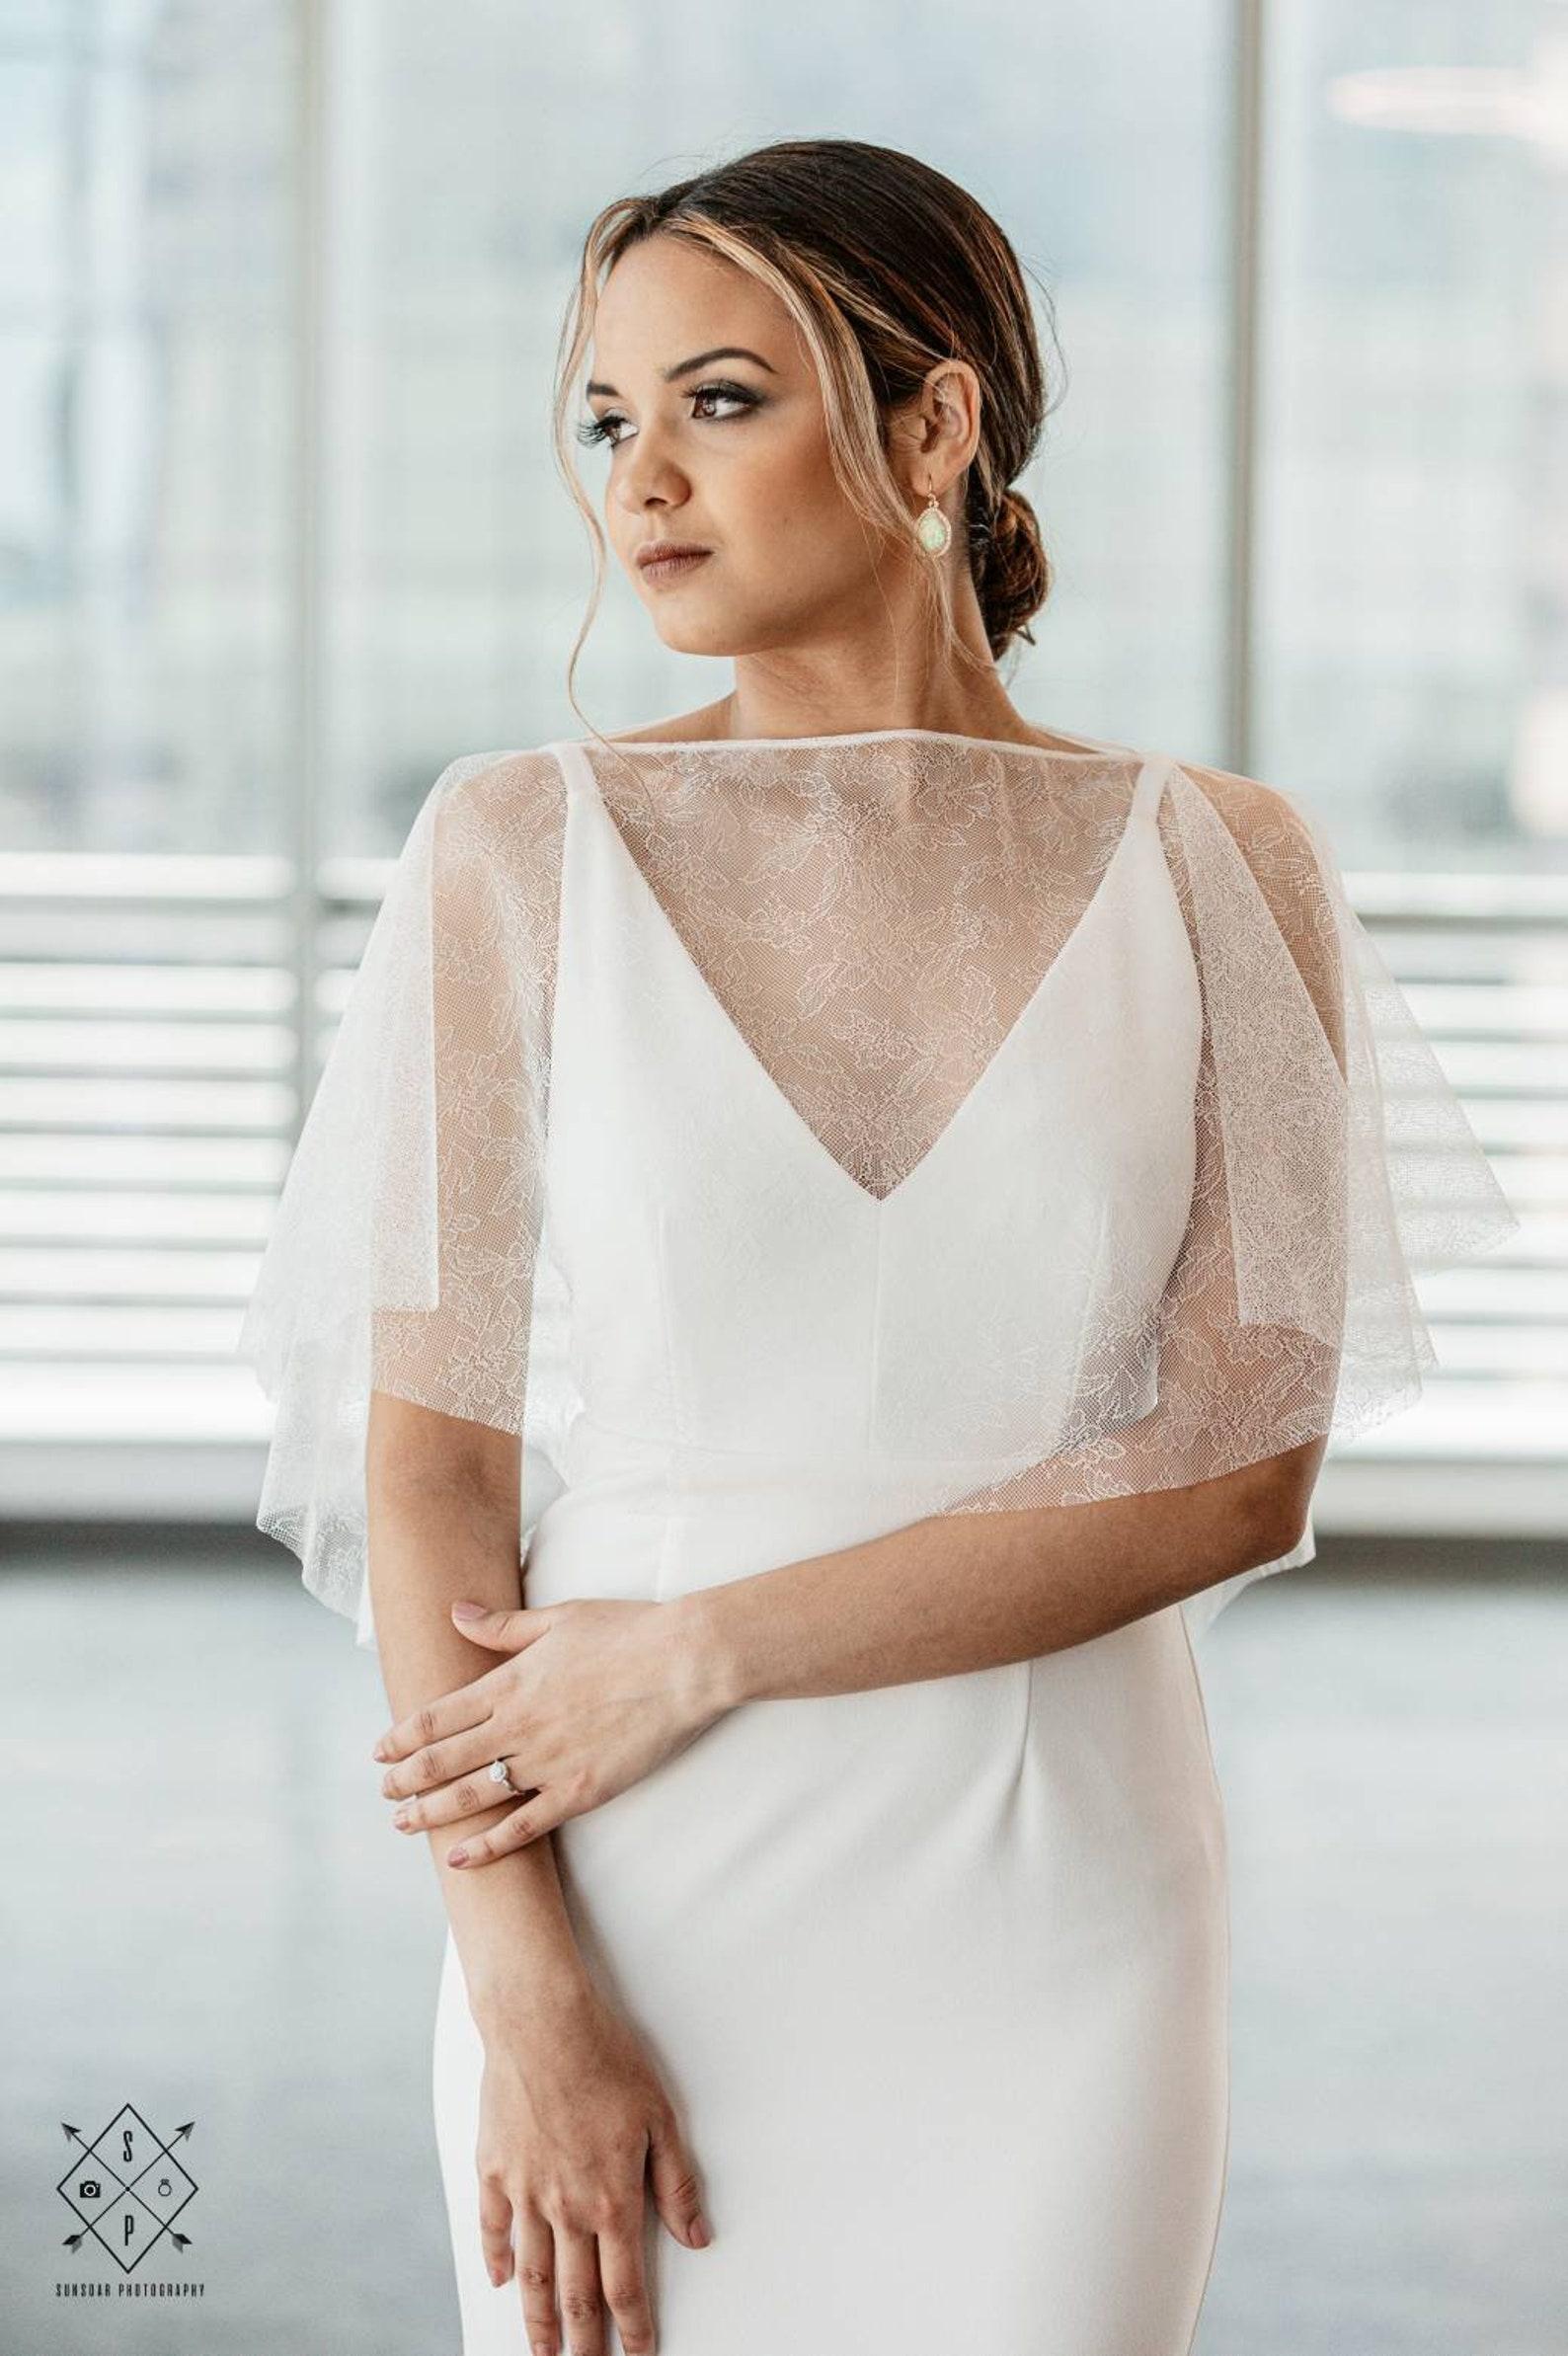 delicate lace wedding cape topper